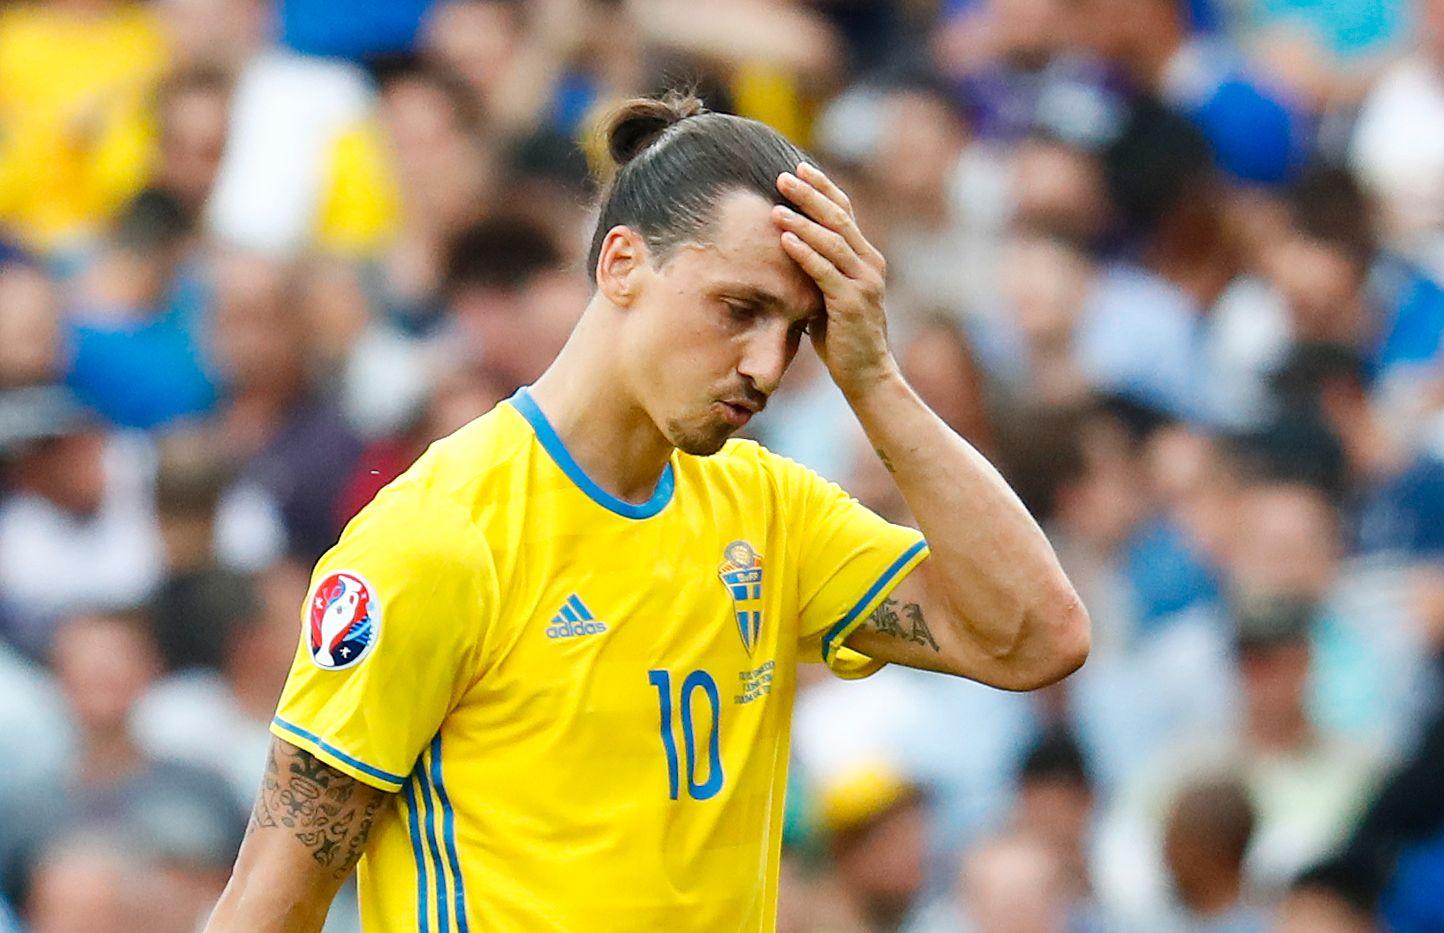 Det kan bli tøft for Sverige og Zlatan dersom Irland vinner mot Italia